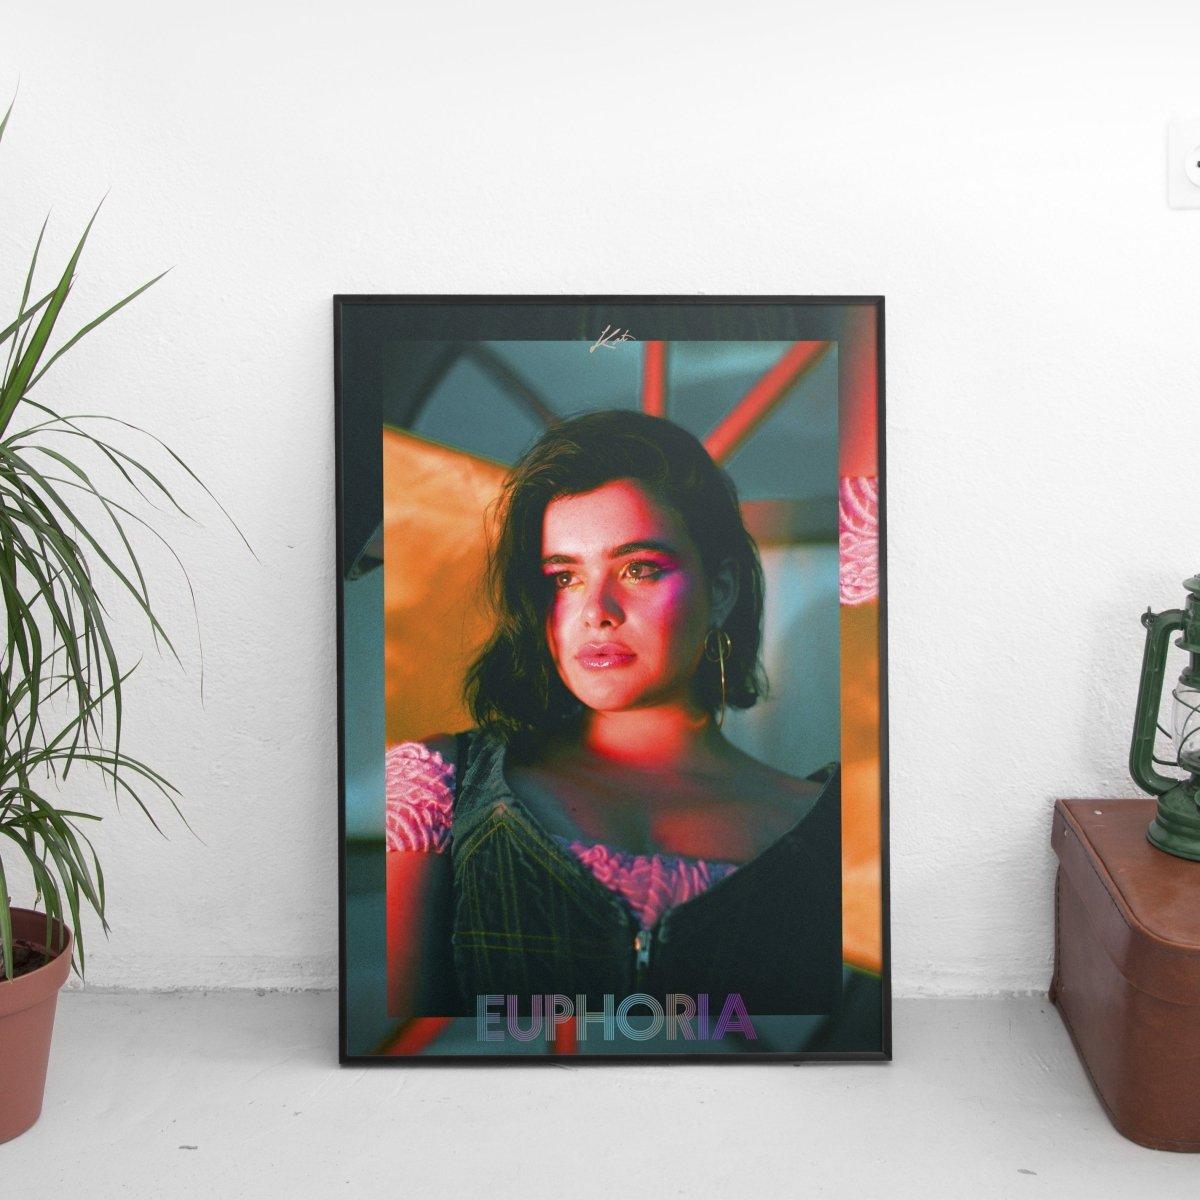 Kat (Euphoria) Poster